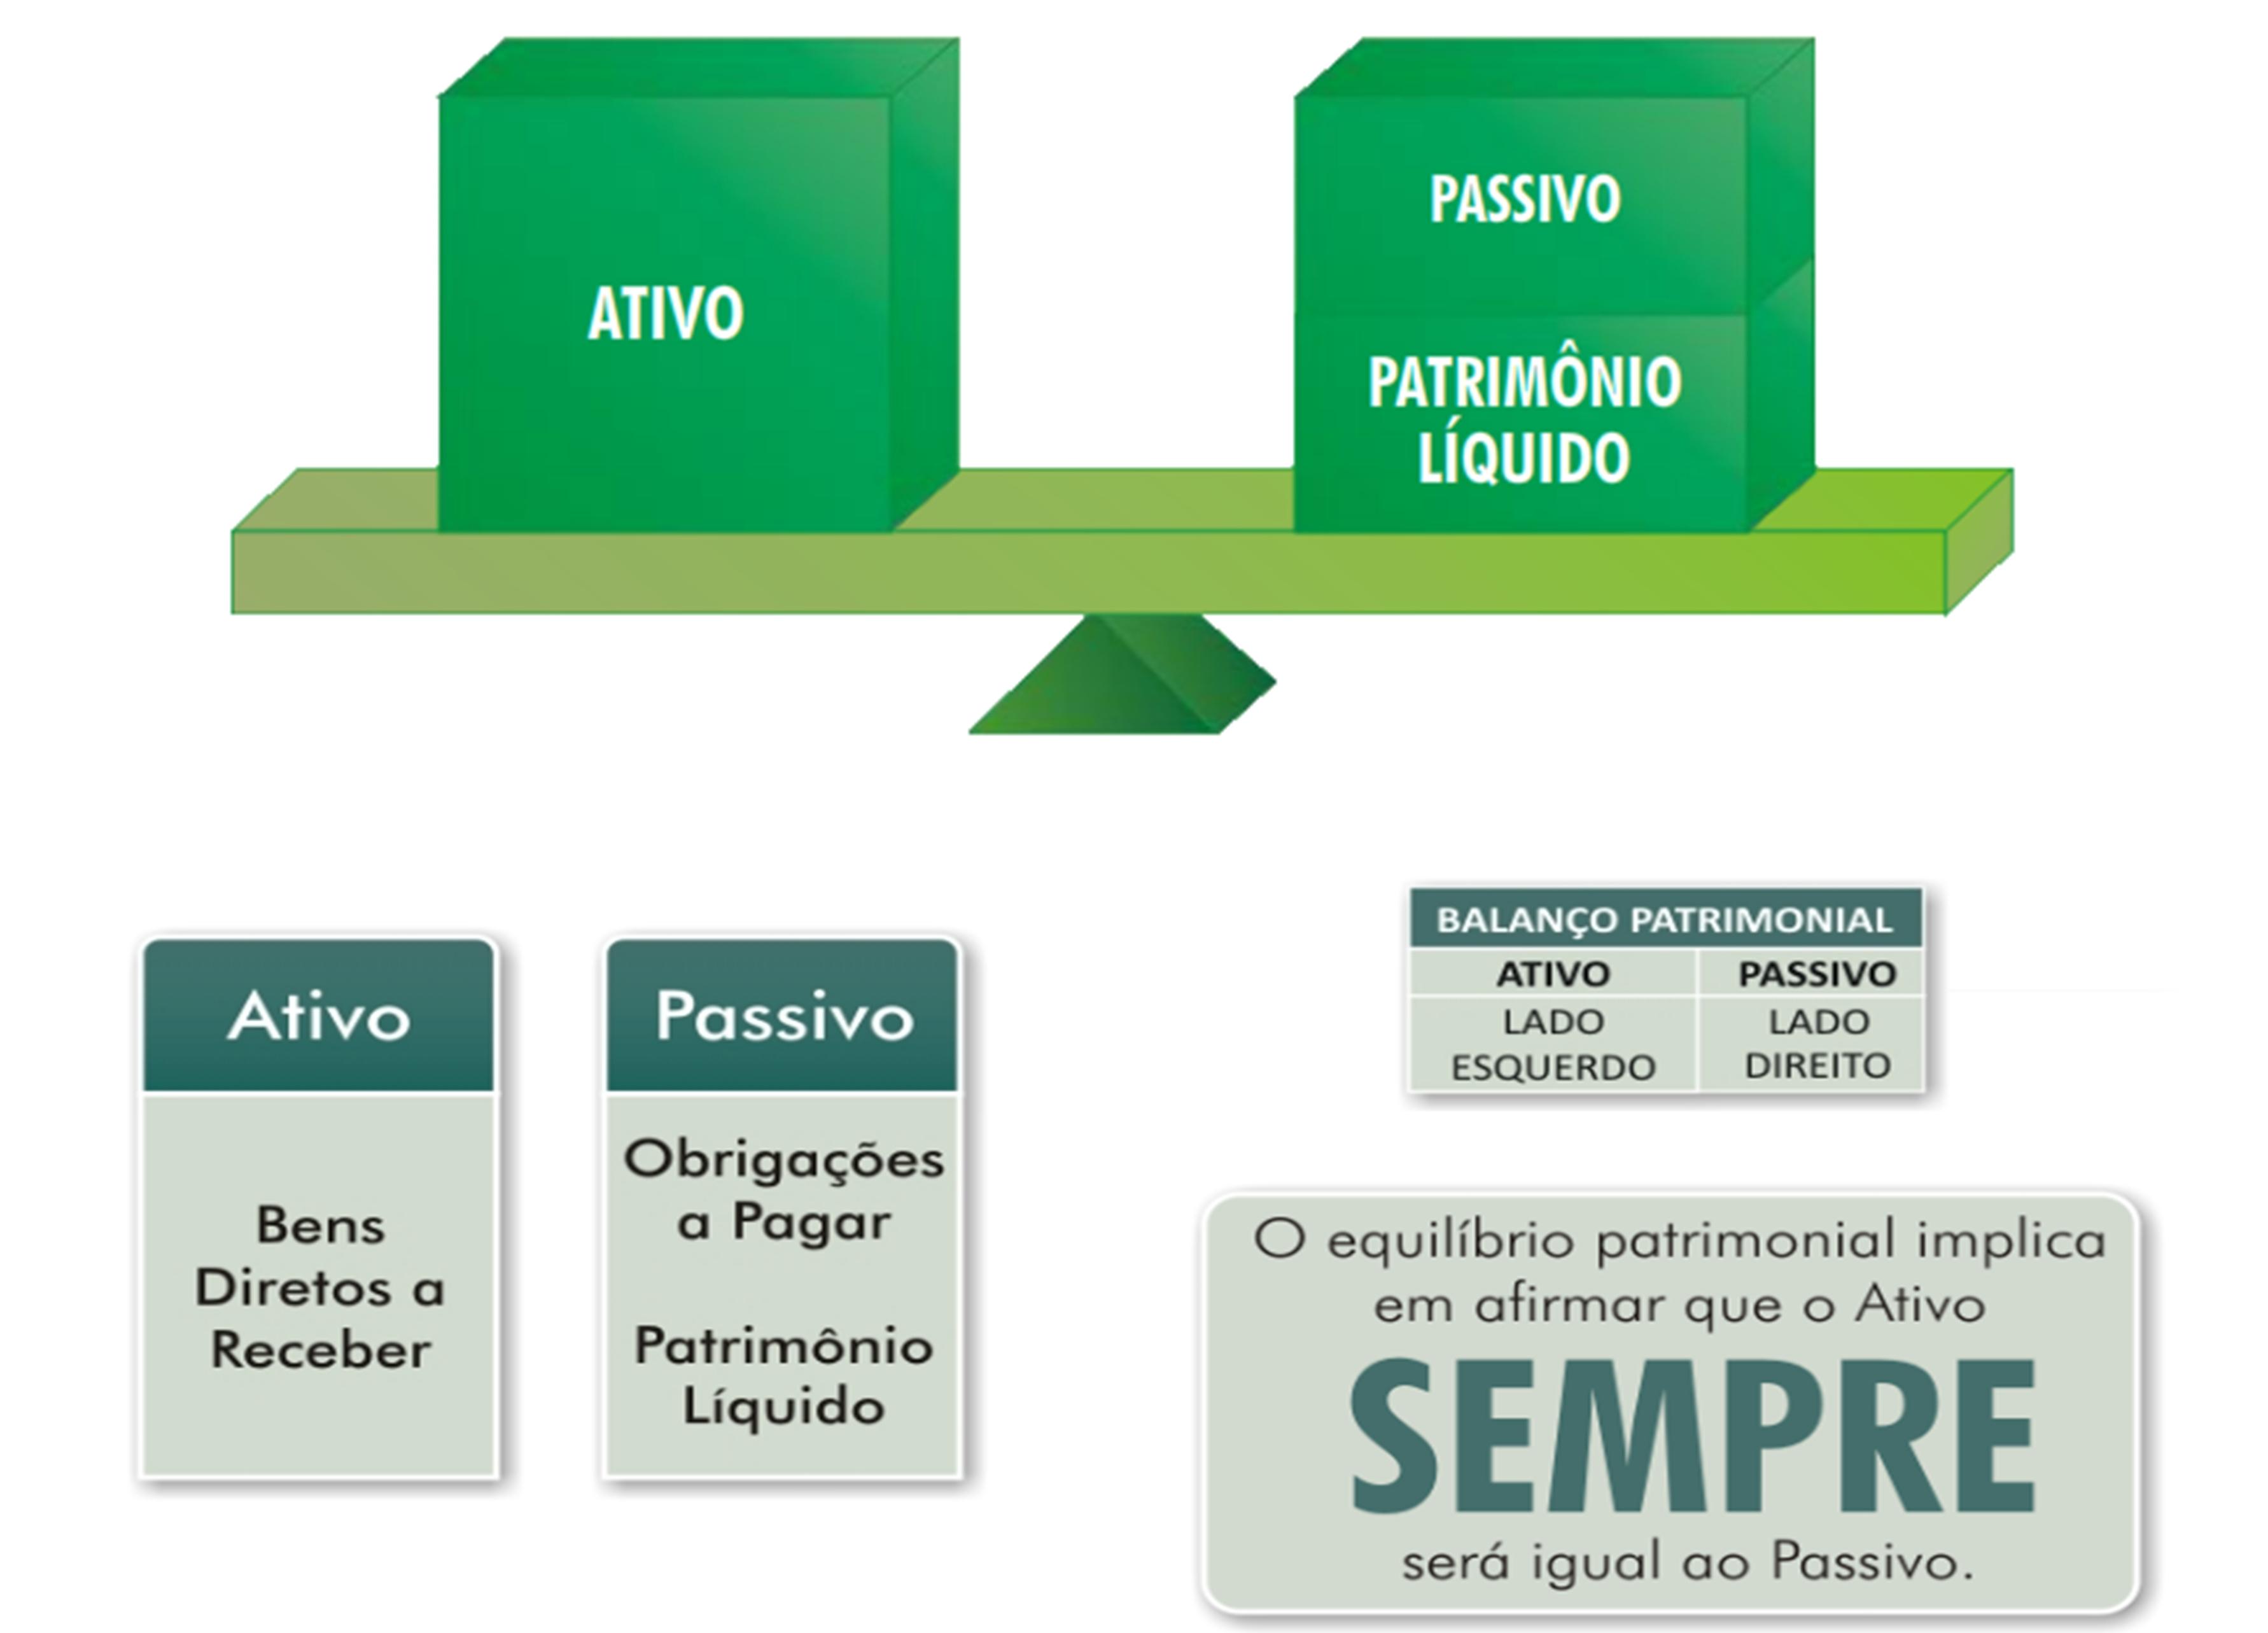 Ativo E Passivo Olhos-4188